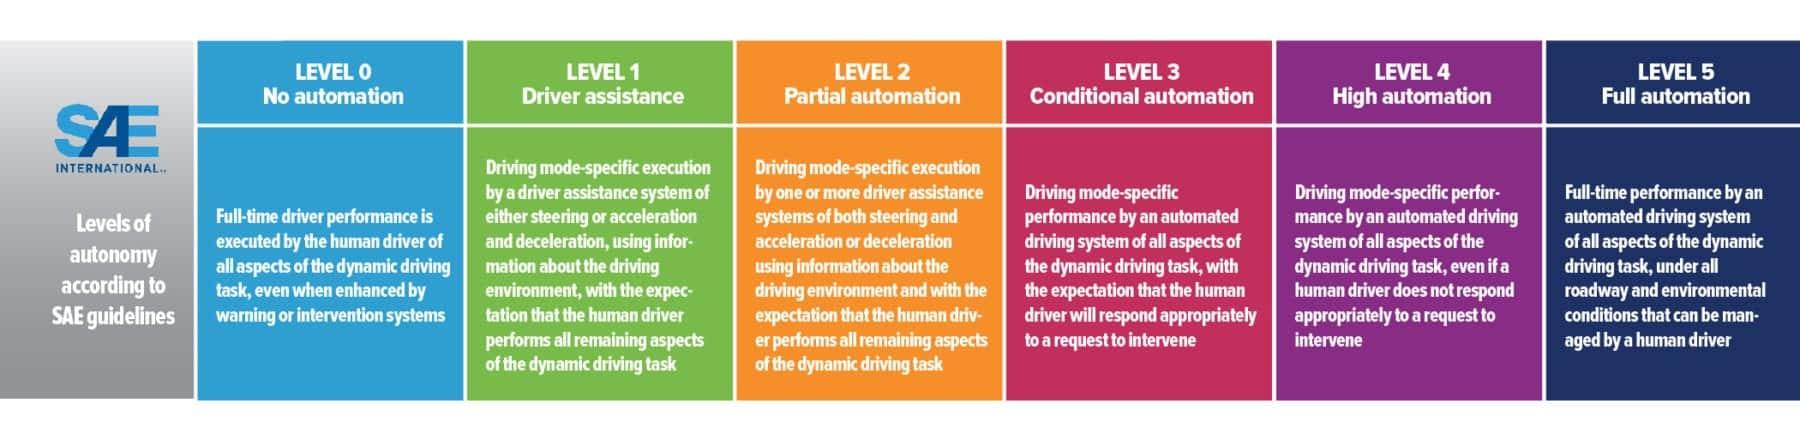 SAE levels of autonomous driving